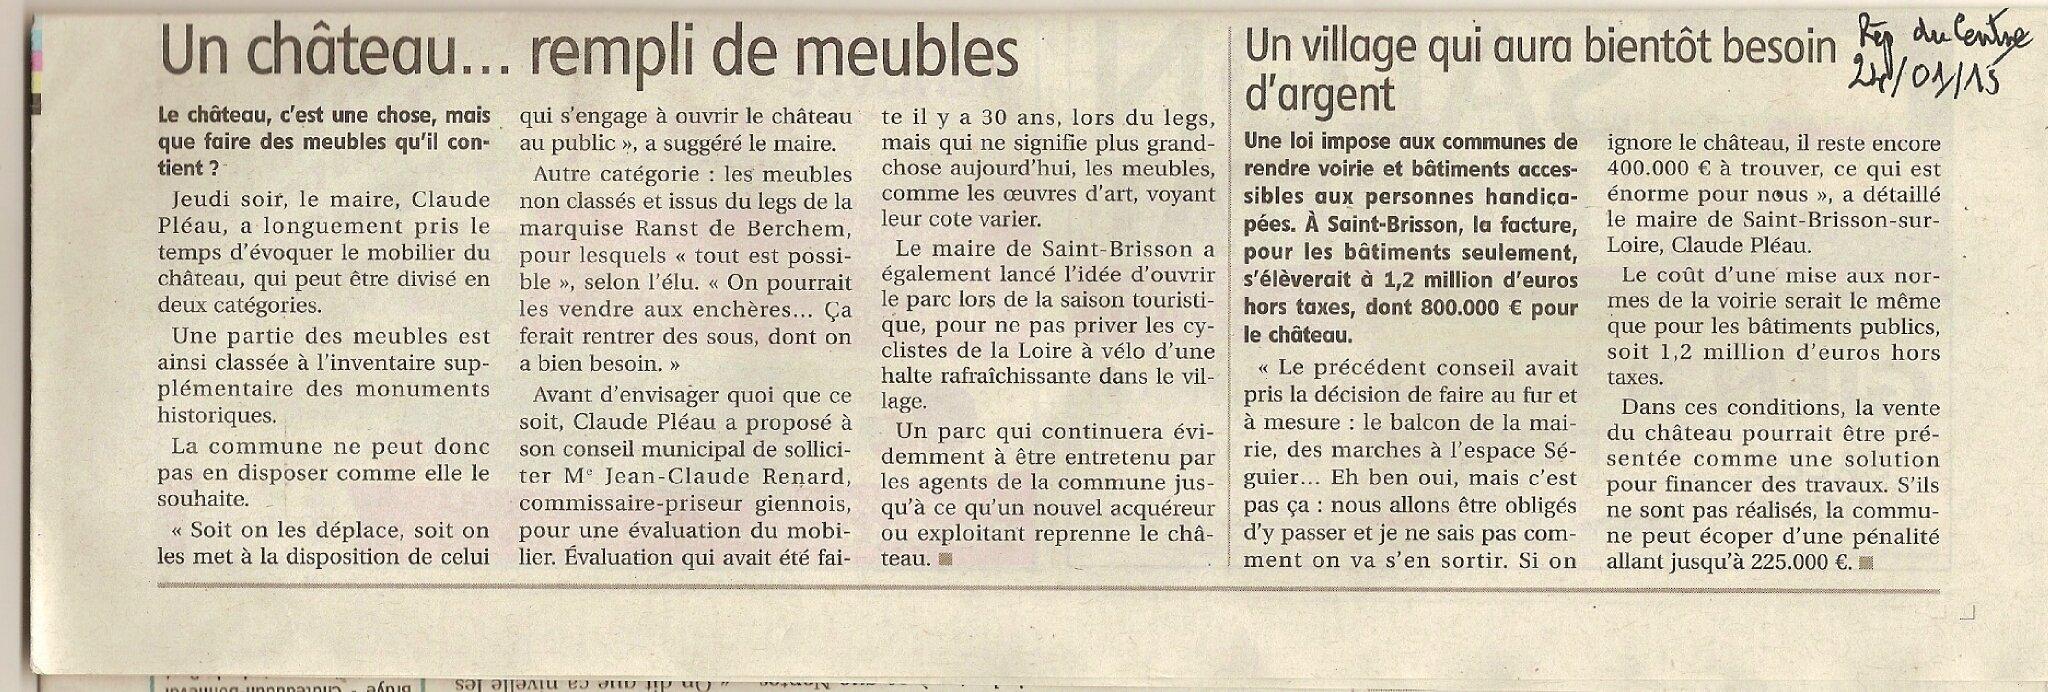 article Rèp Mobilier Château de Saint-Brisson 240115 (1)